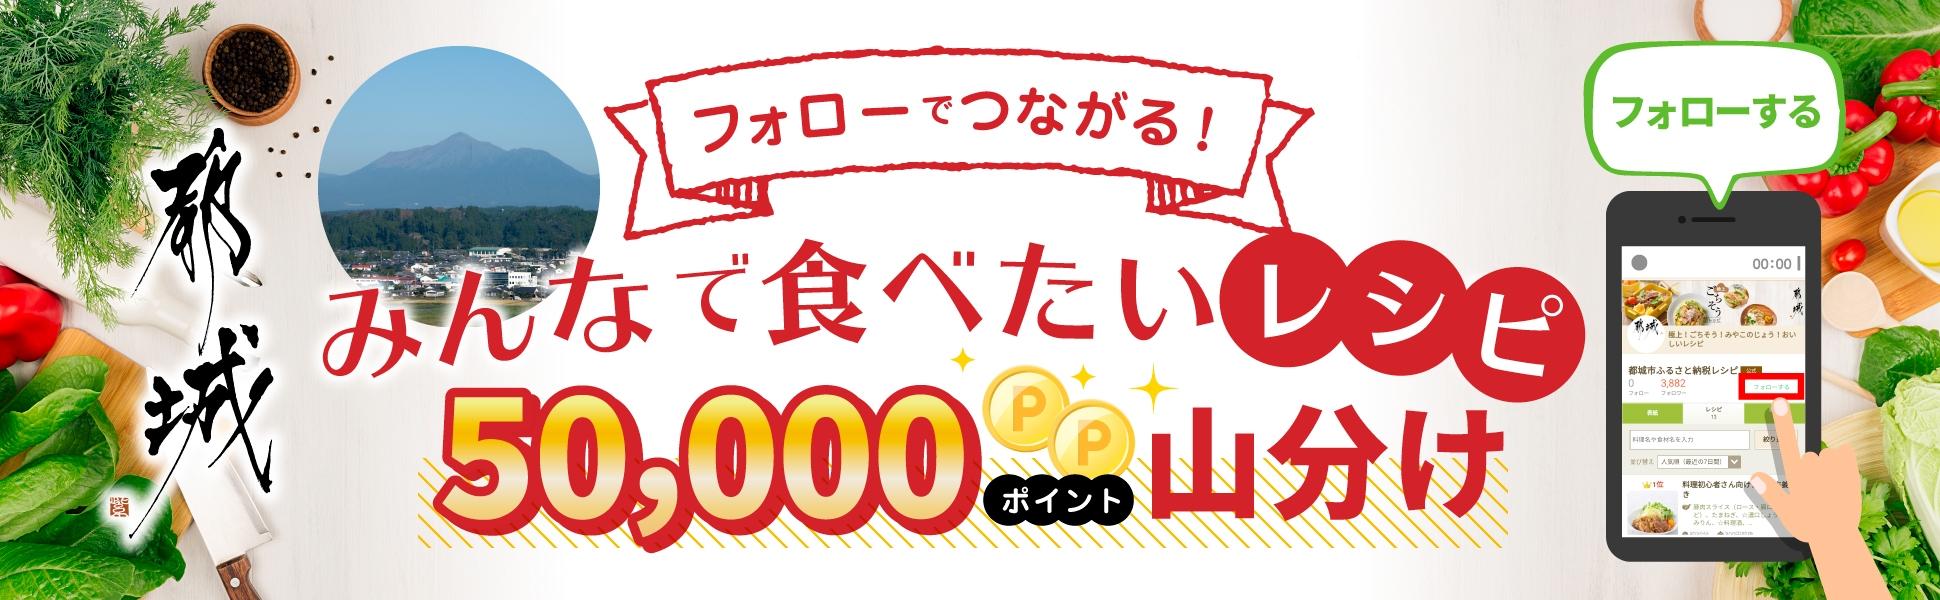 フォローでつながる!みんなで食べたいレシピで5万ポイント山分け☆